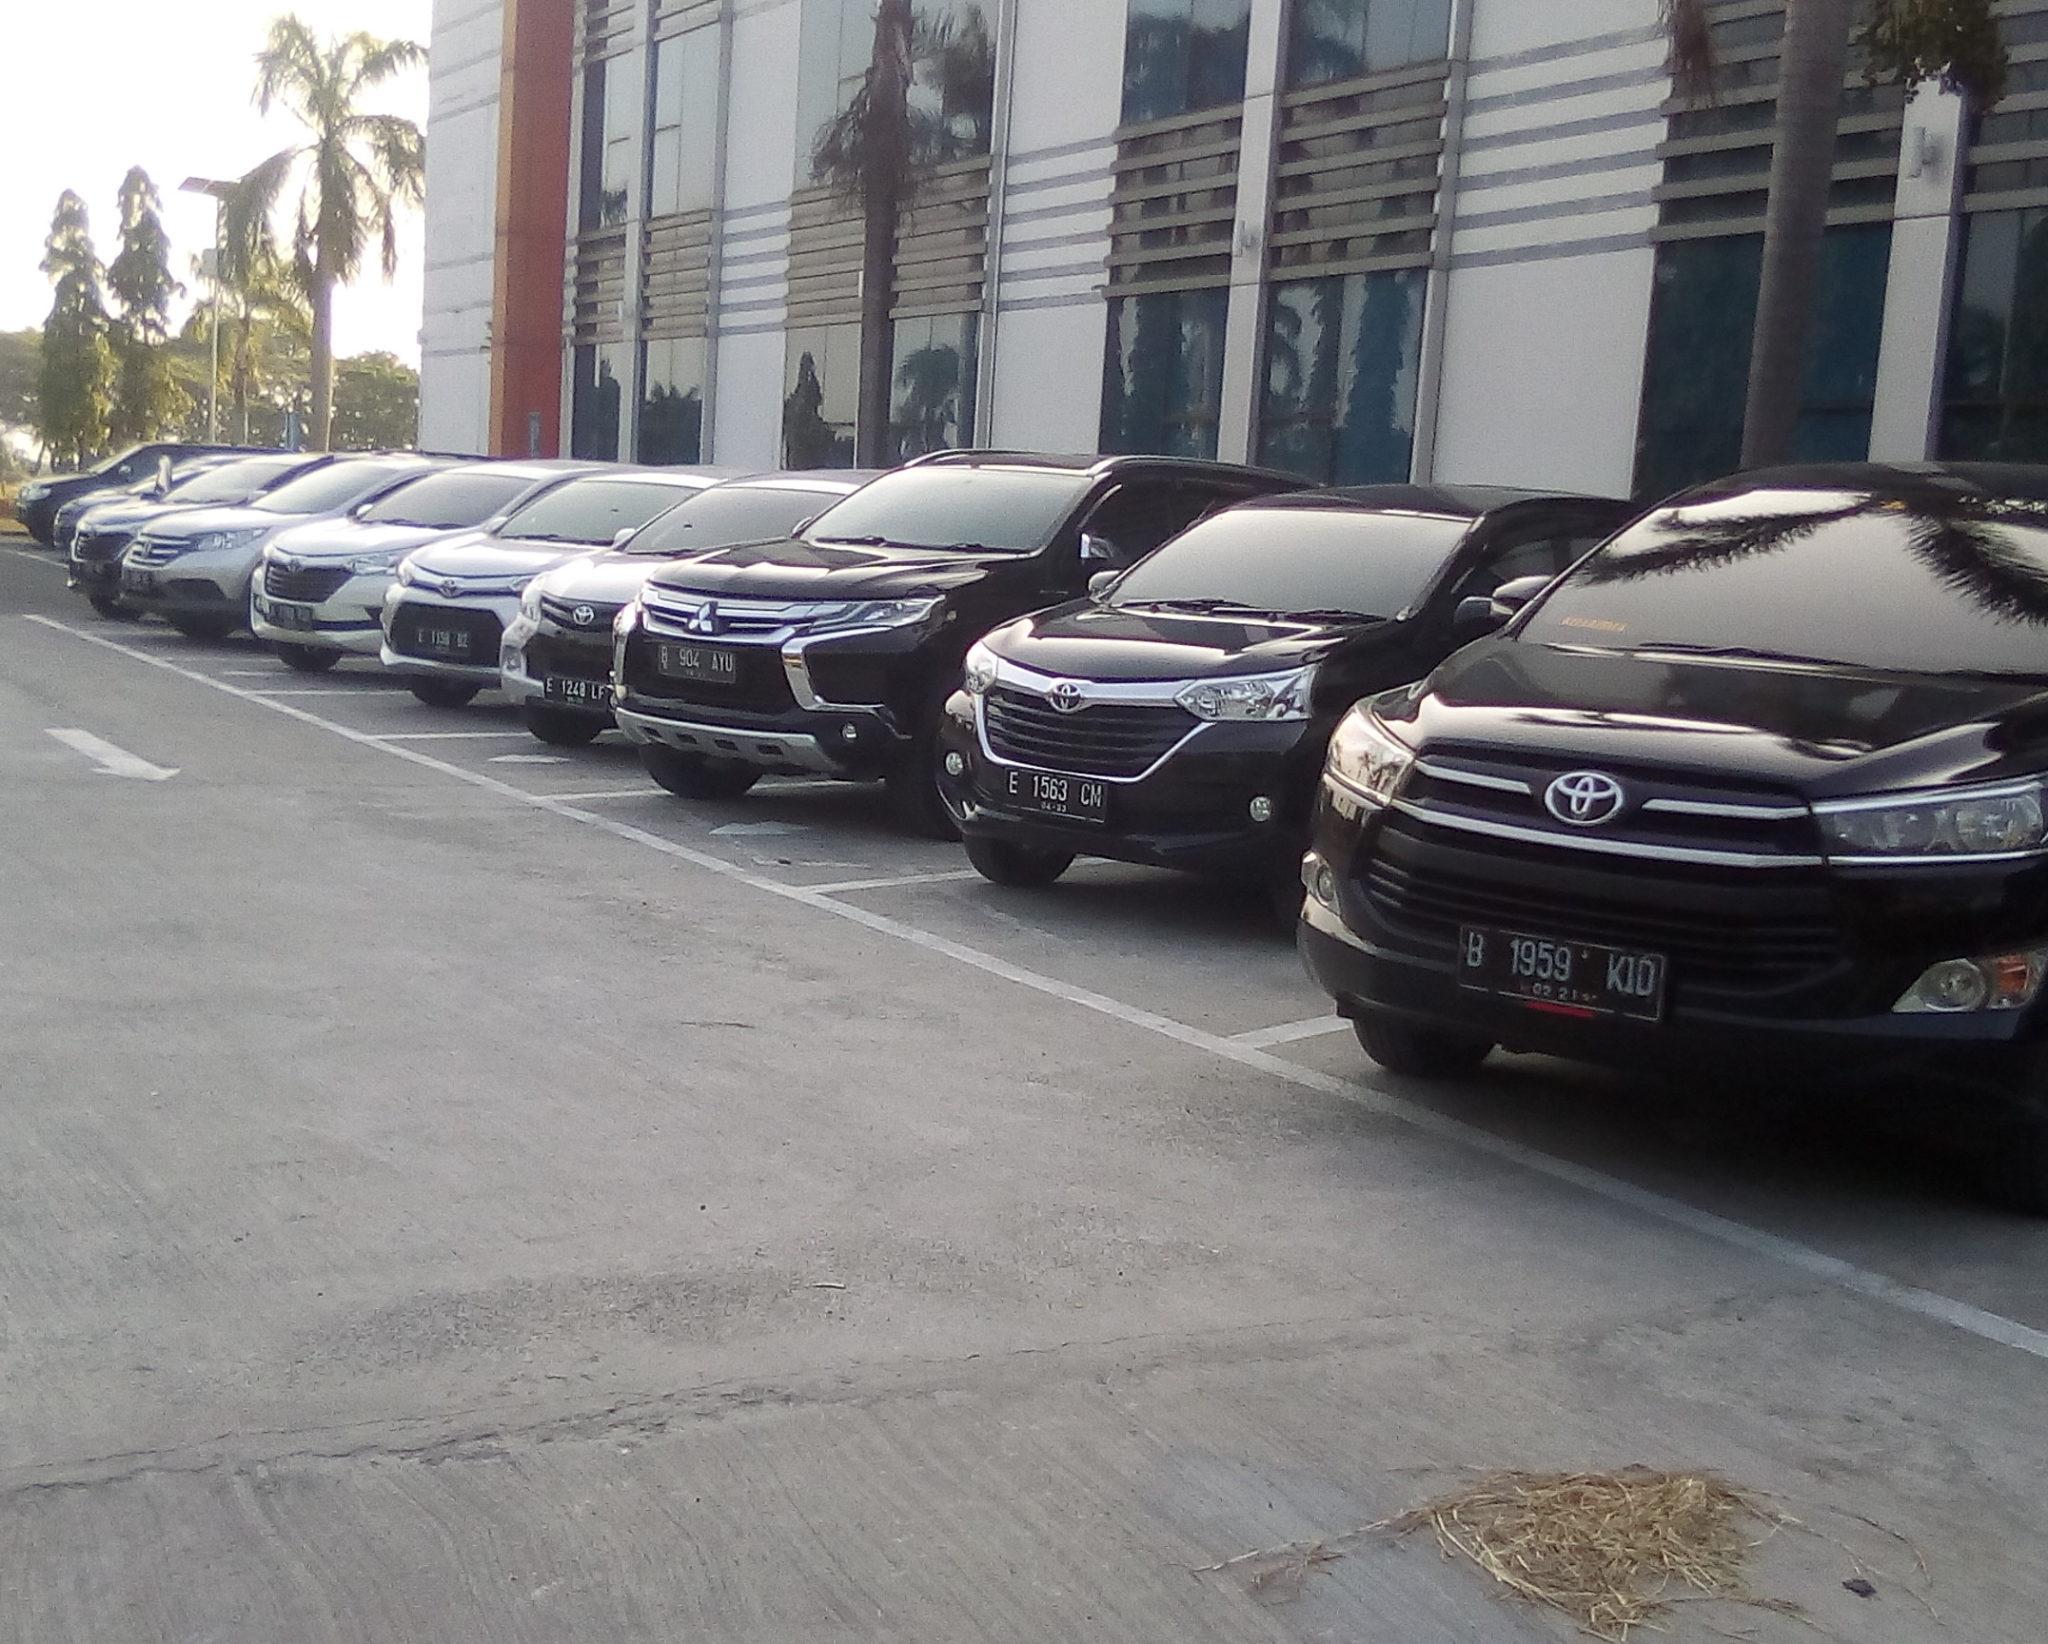 Biaya Sewa Mobil Untuk Ke Bandung Sumedang Jakarta Dari Cirebon